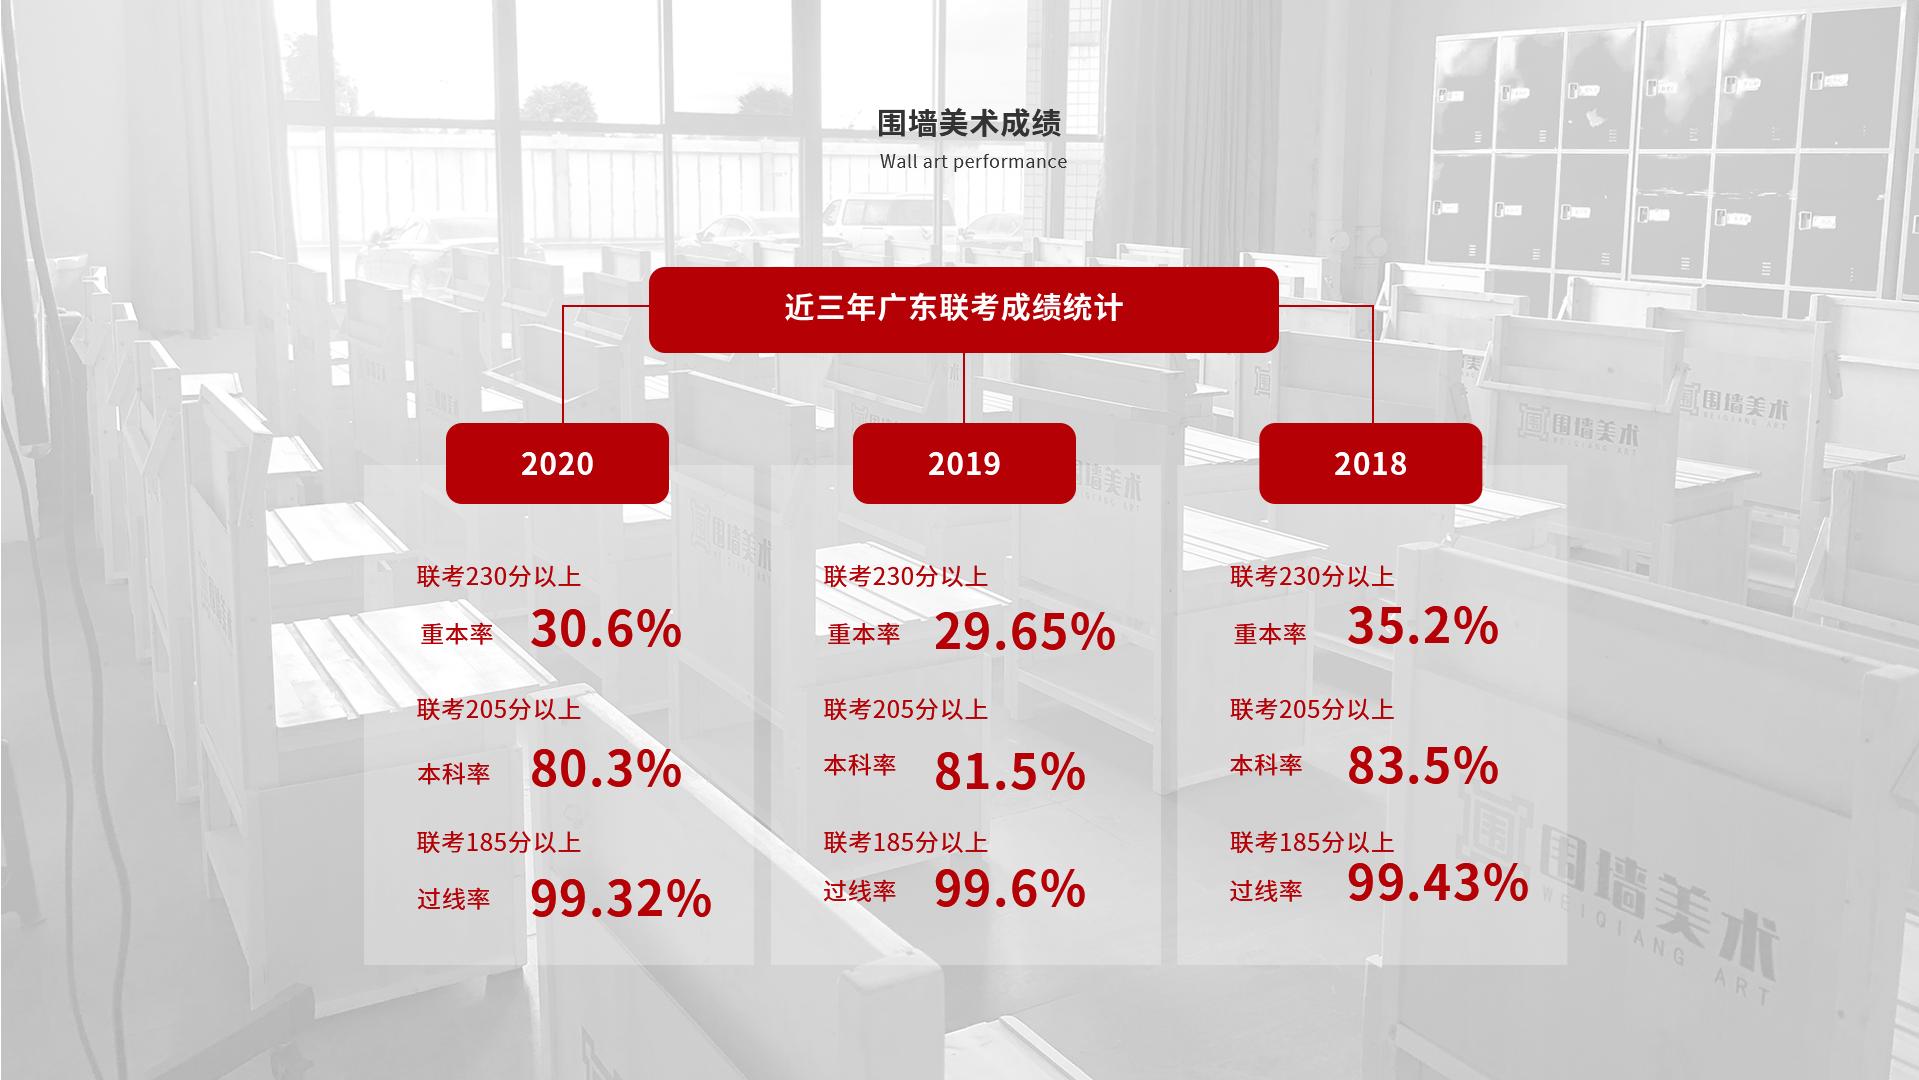 广州围墙画室成绩,广州画室排名前十画室,广州美术培训画室